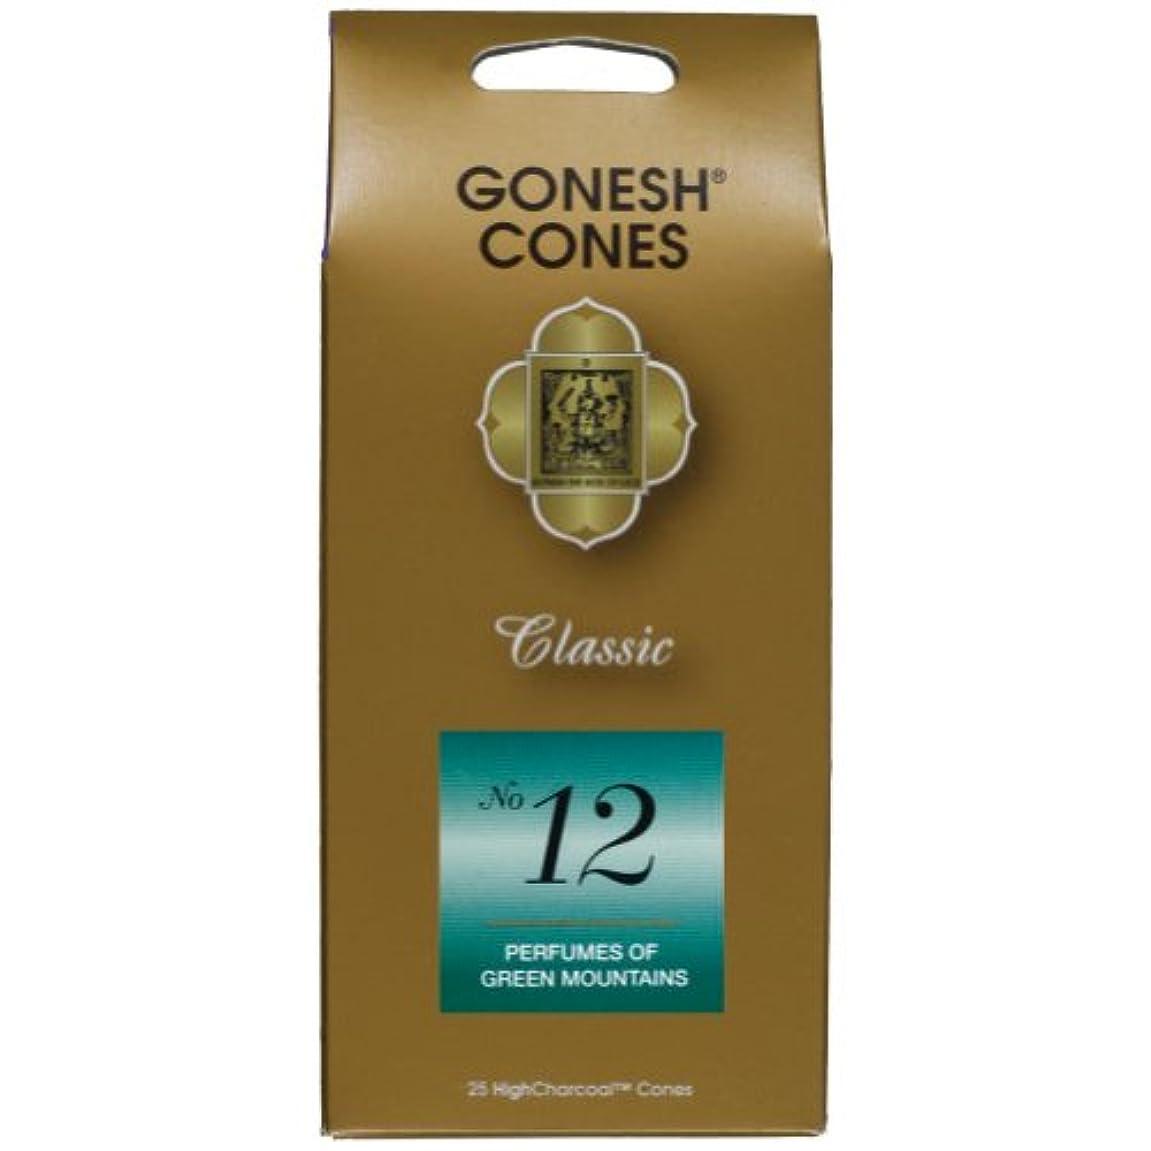 補充引退した消毒剤GONESH インセンス コーン No.12